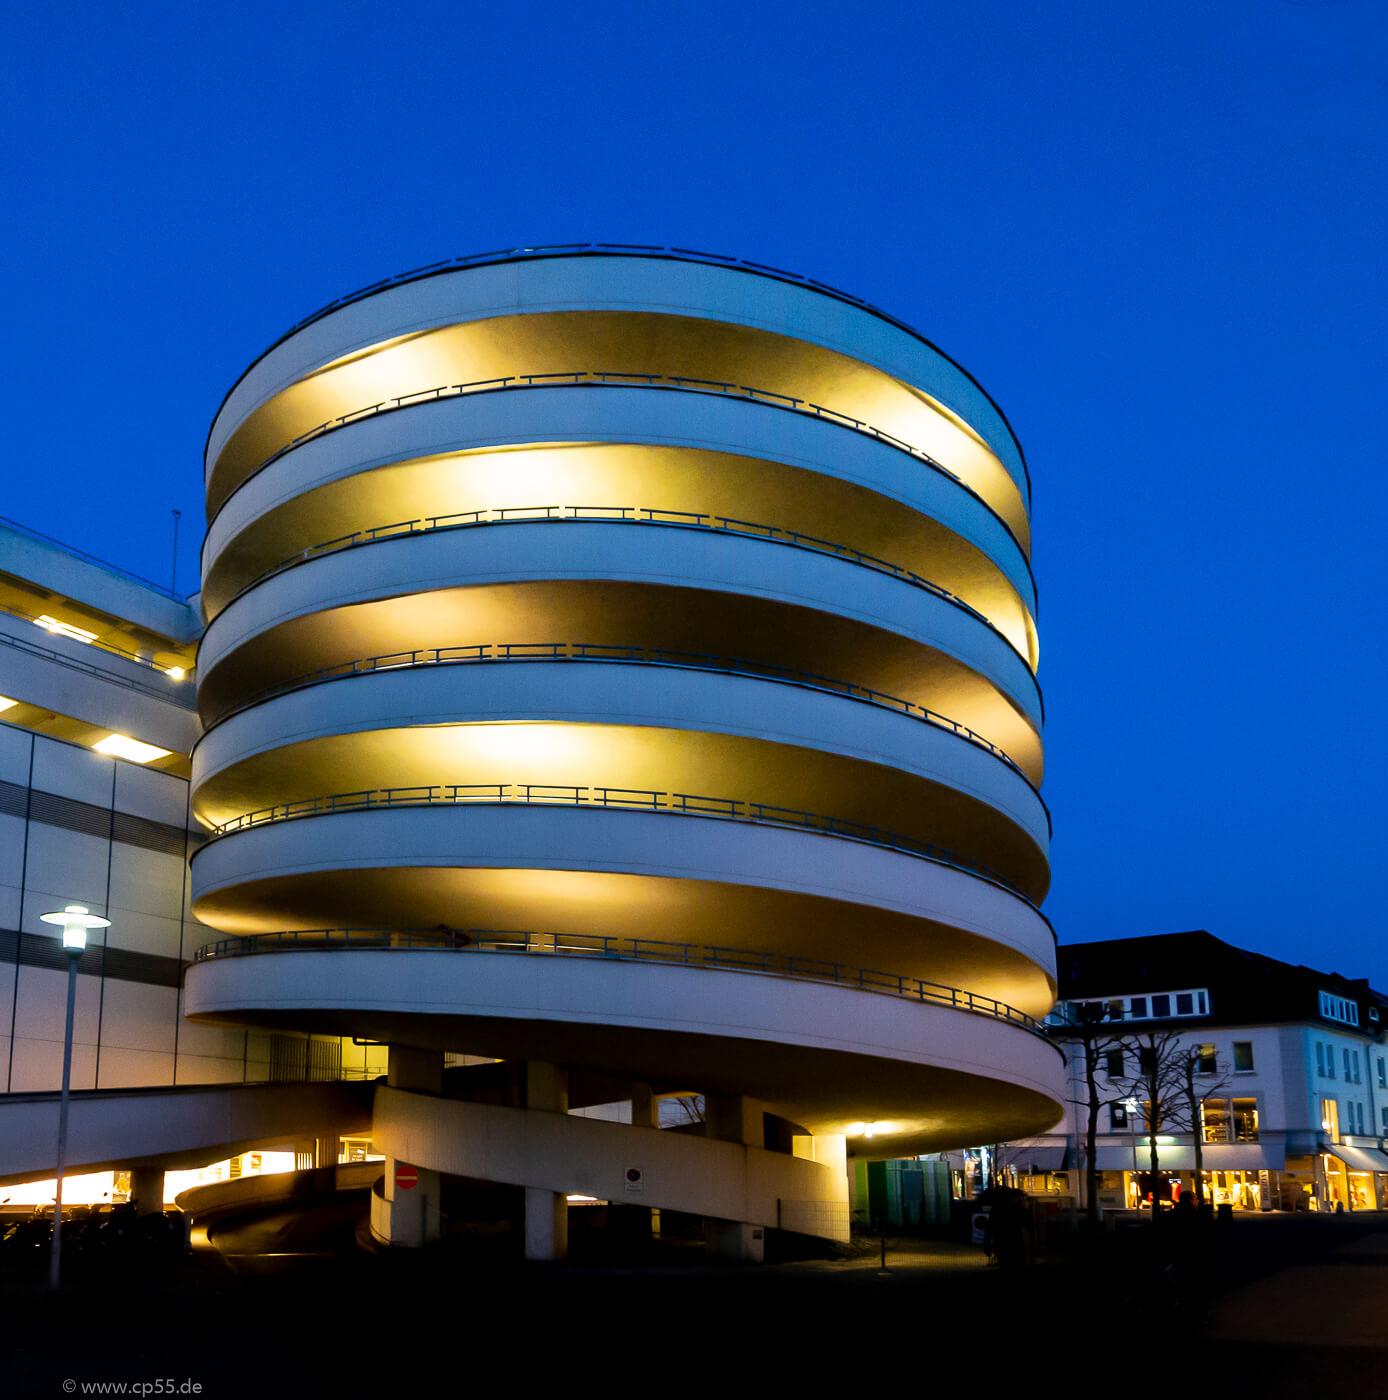 Parkhaus in Braunschweig zur blauen Stunde